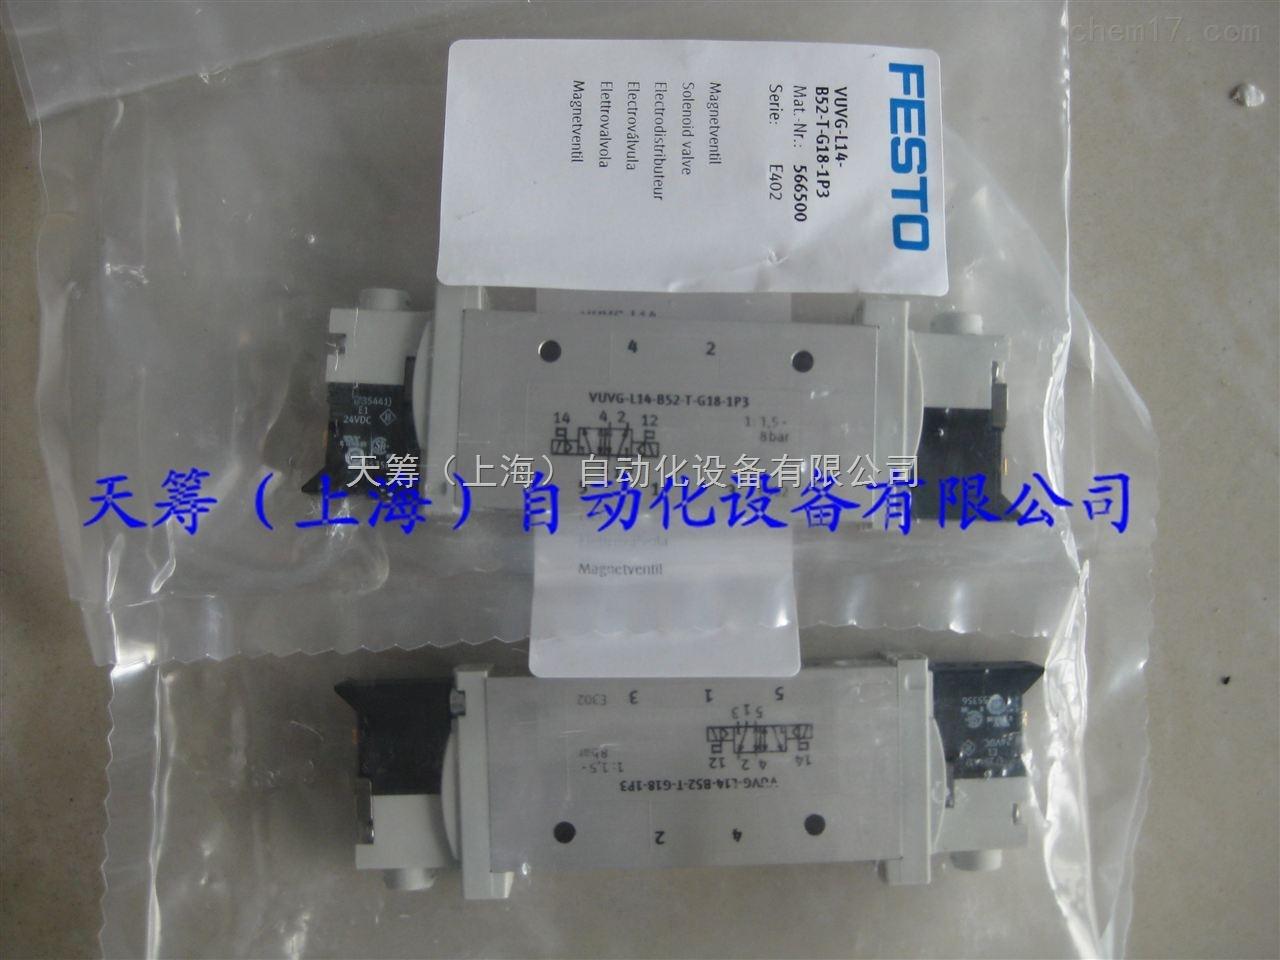 FESTO电磁阀VUVG系列VUVG-L14-B52-T-G18-1